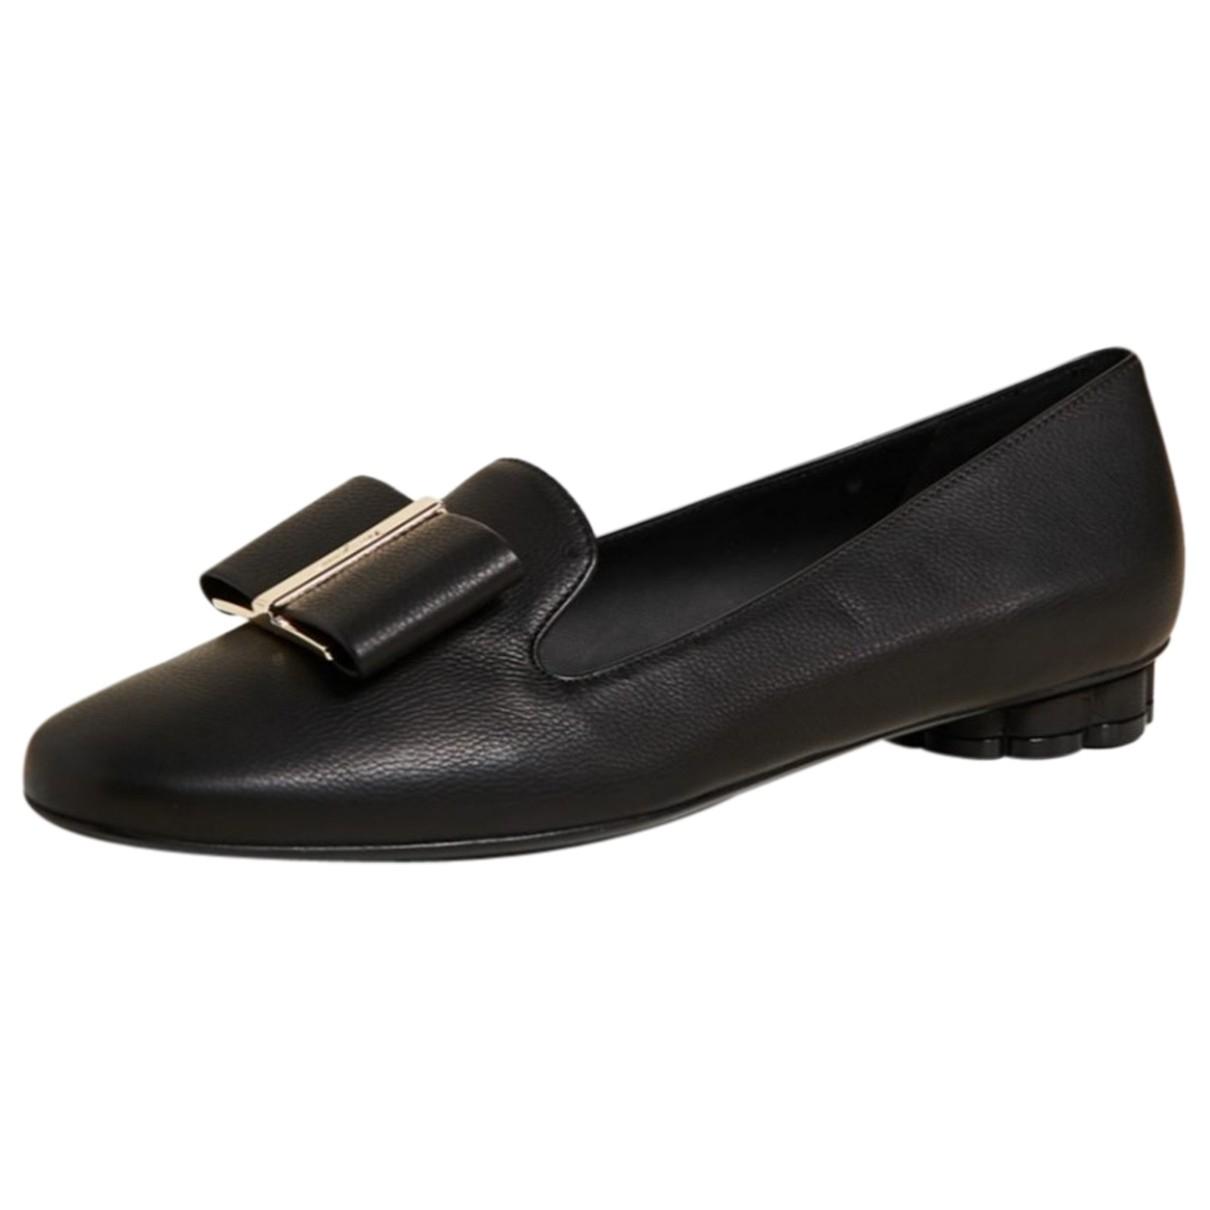 Salvatore Ferragamo N Black Leather Flats for Women 36 EU